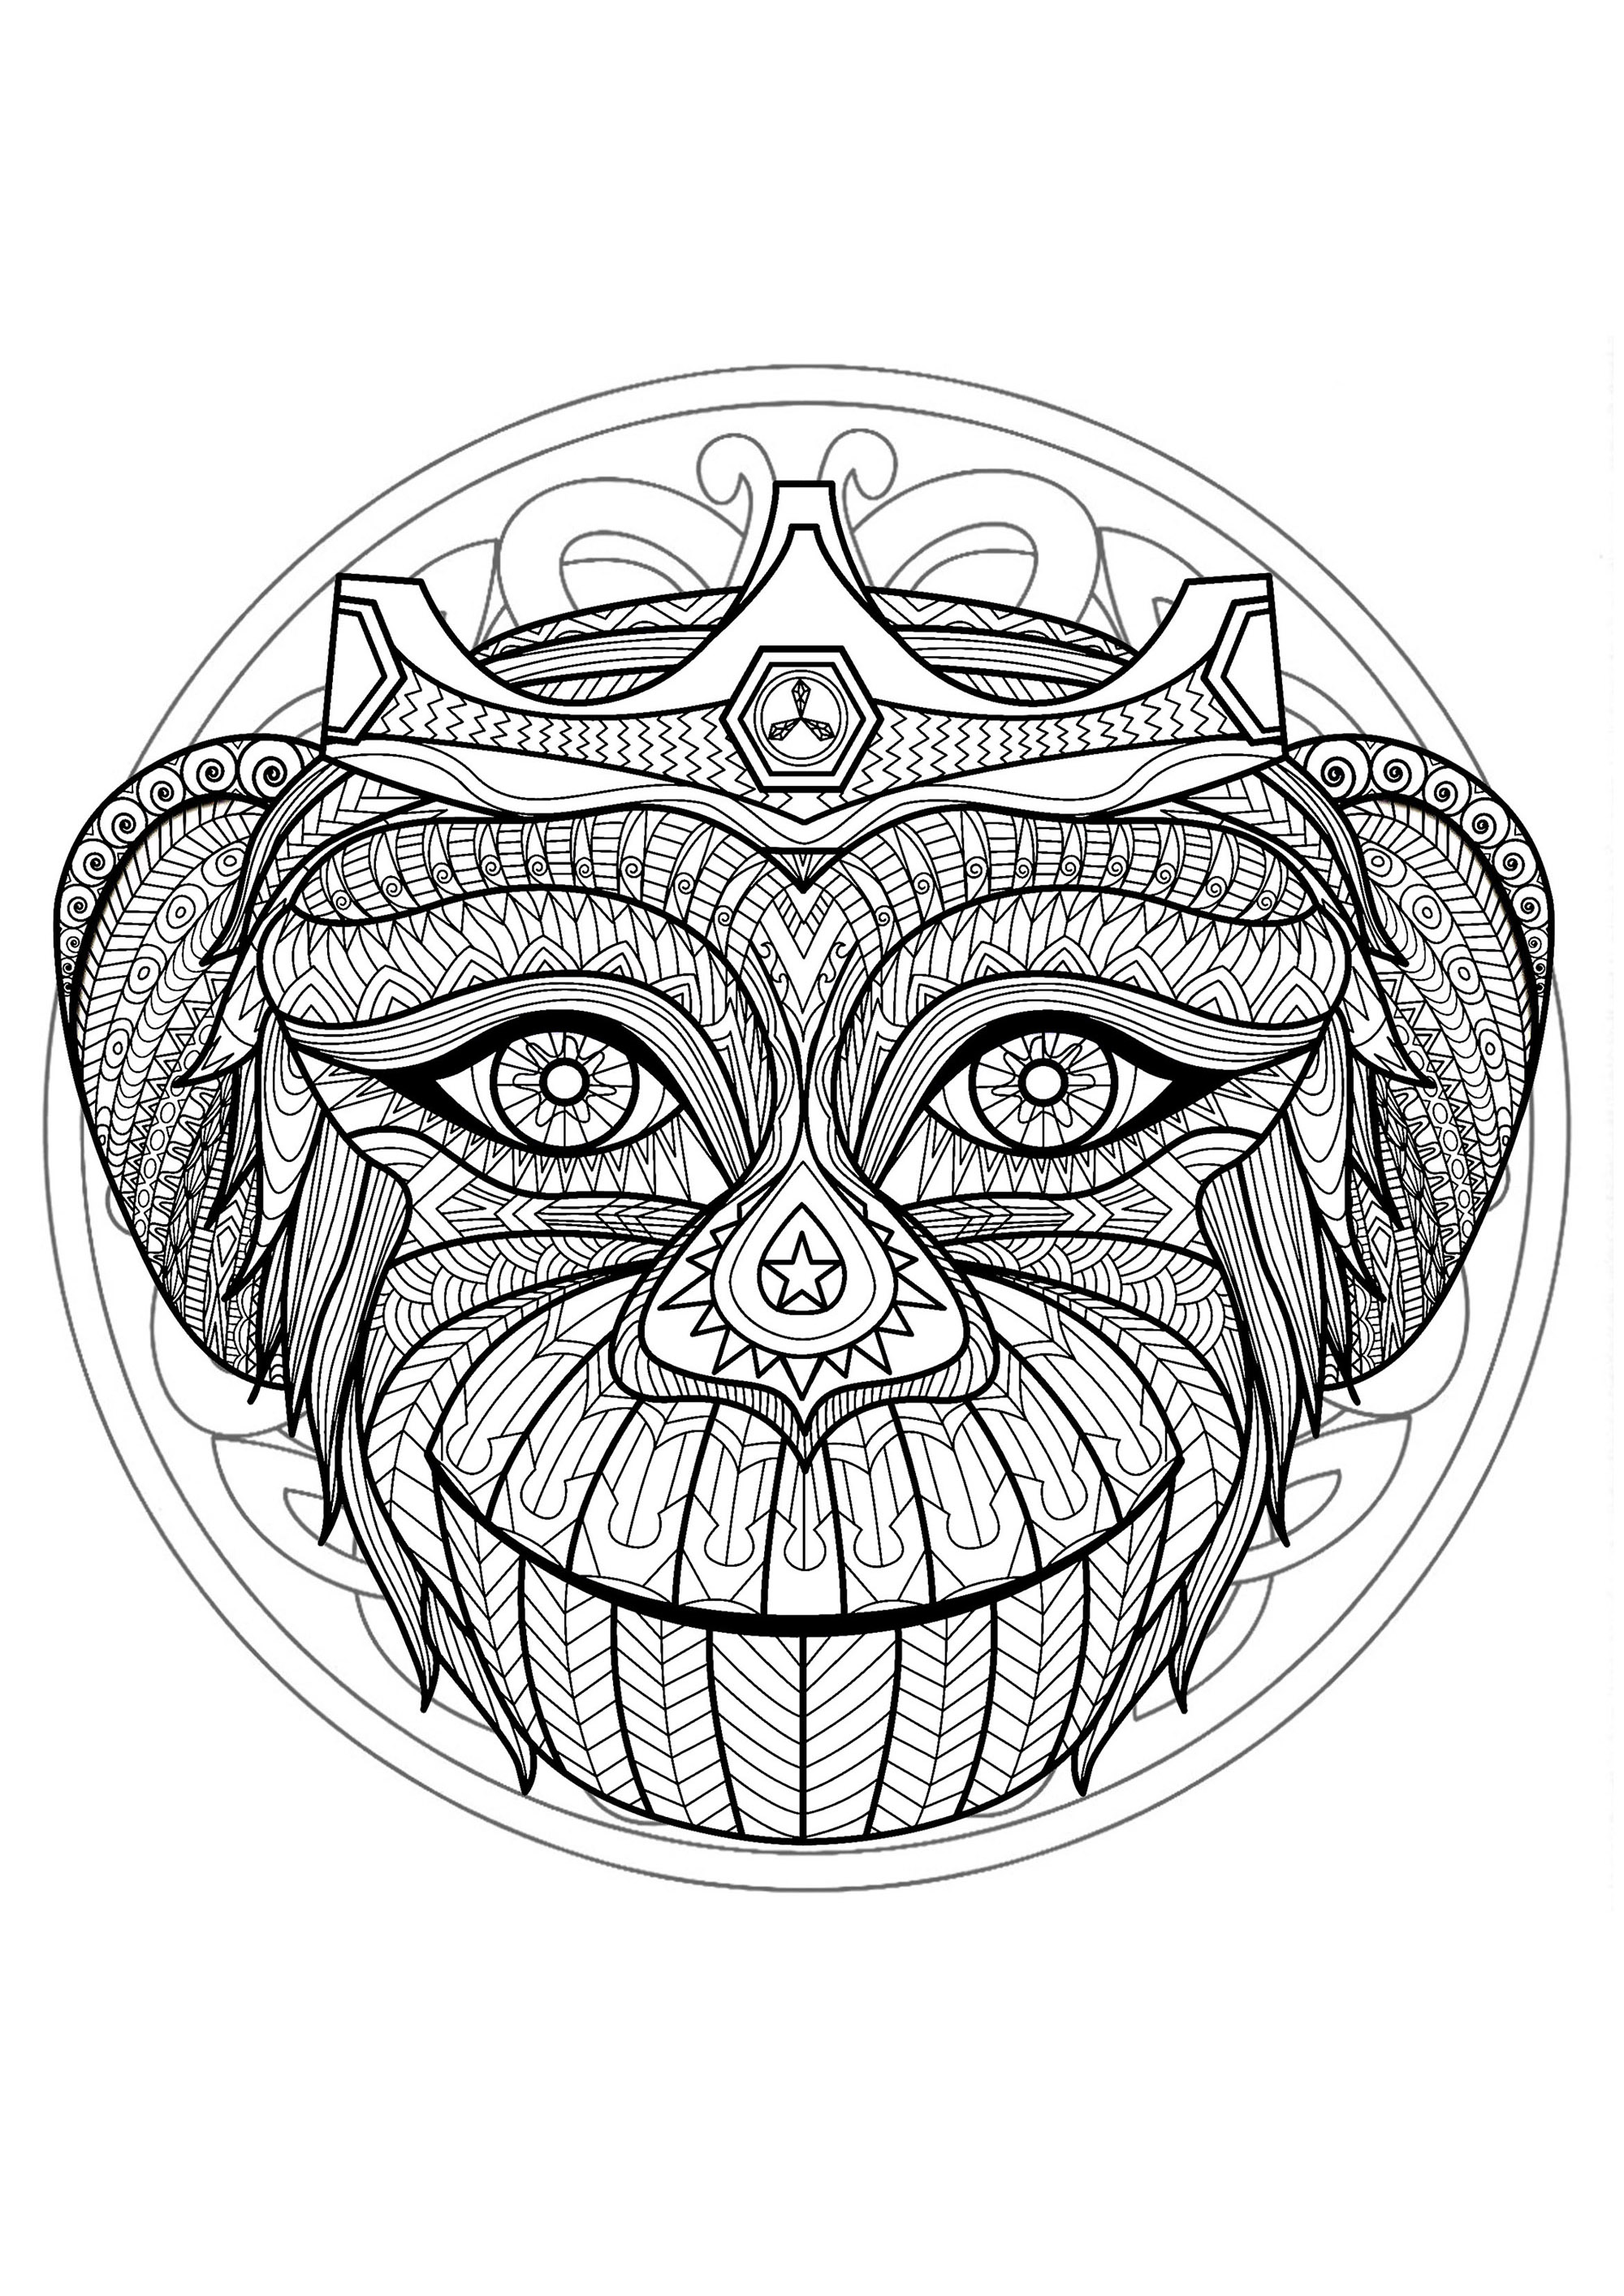 Mandala tete singe 1 - Mandalas - Coloriages difficiles pour adultes